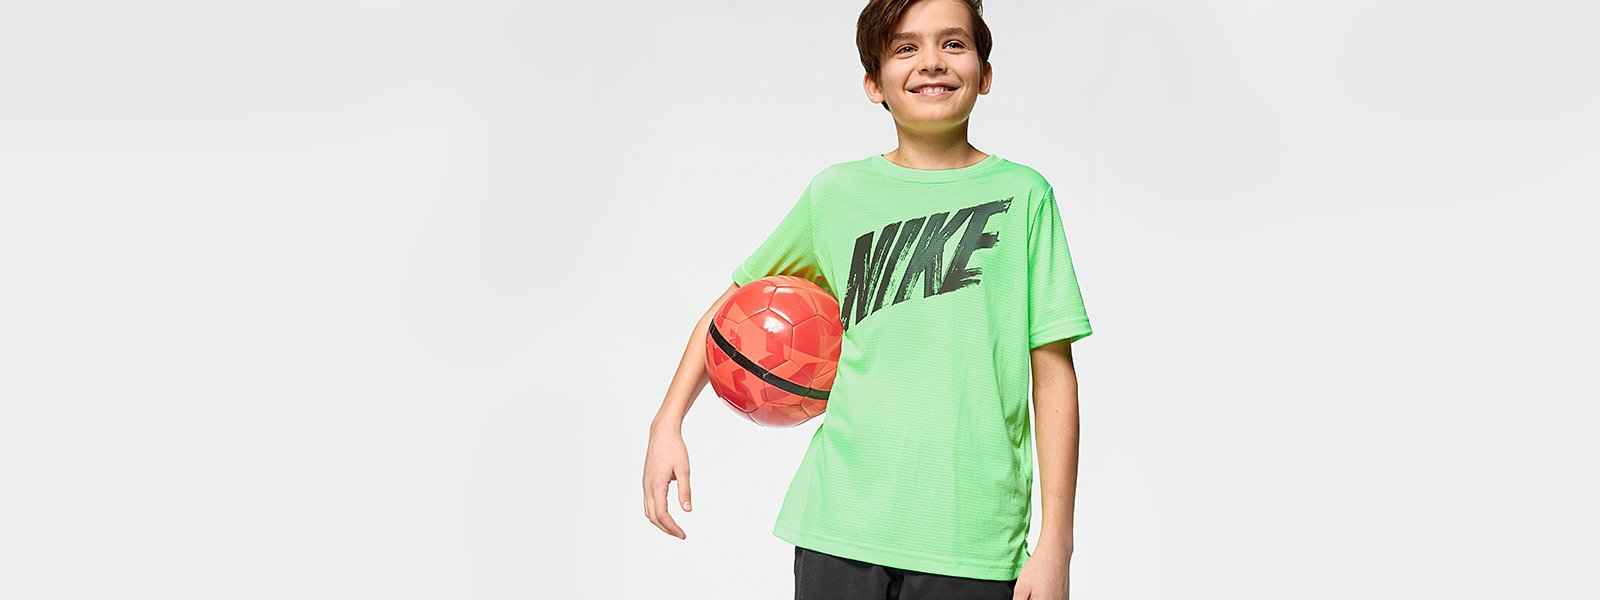 Jungen Sportshirts